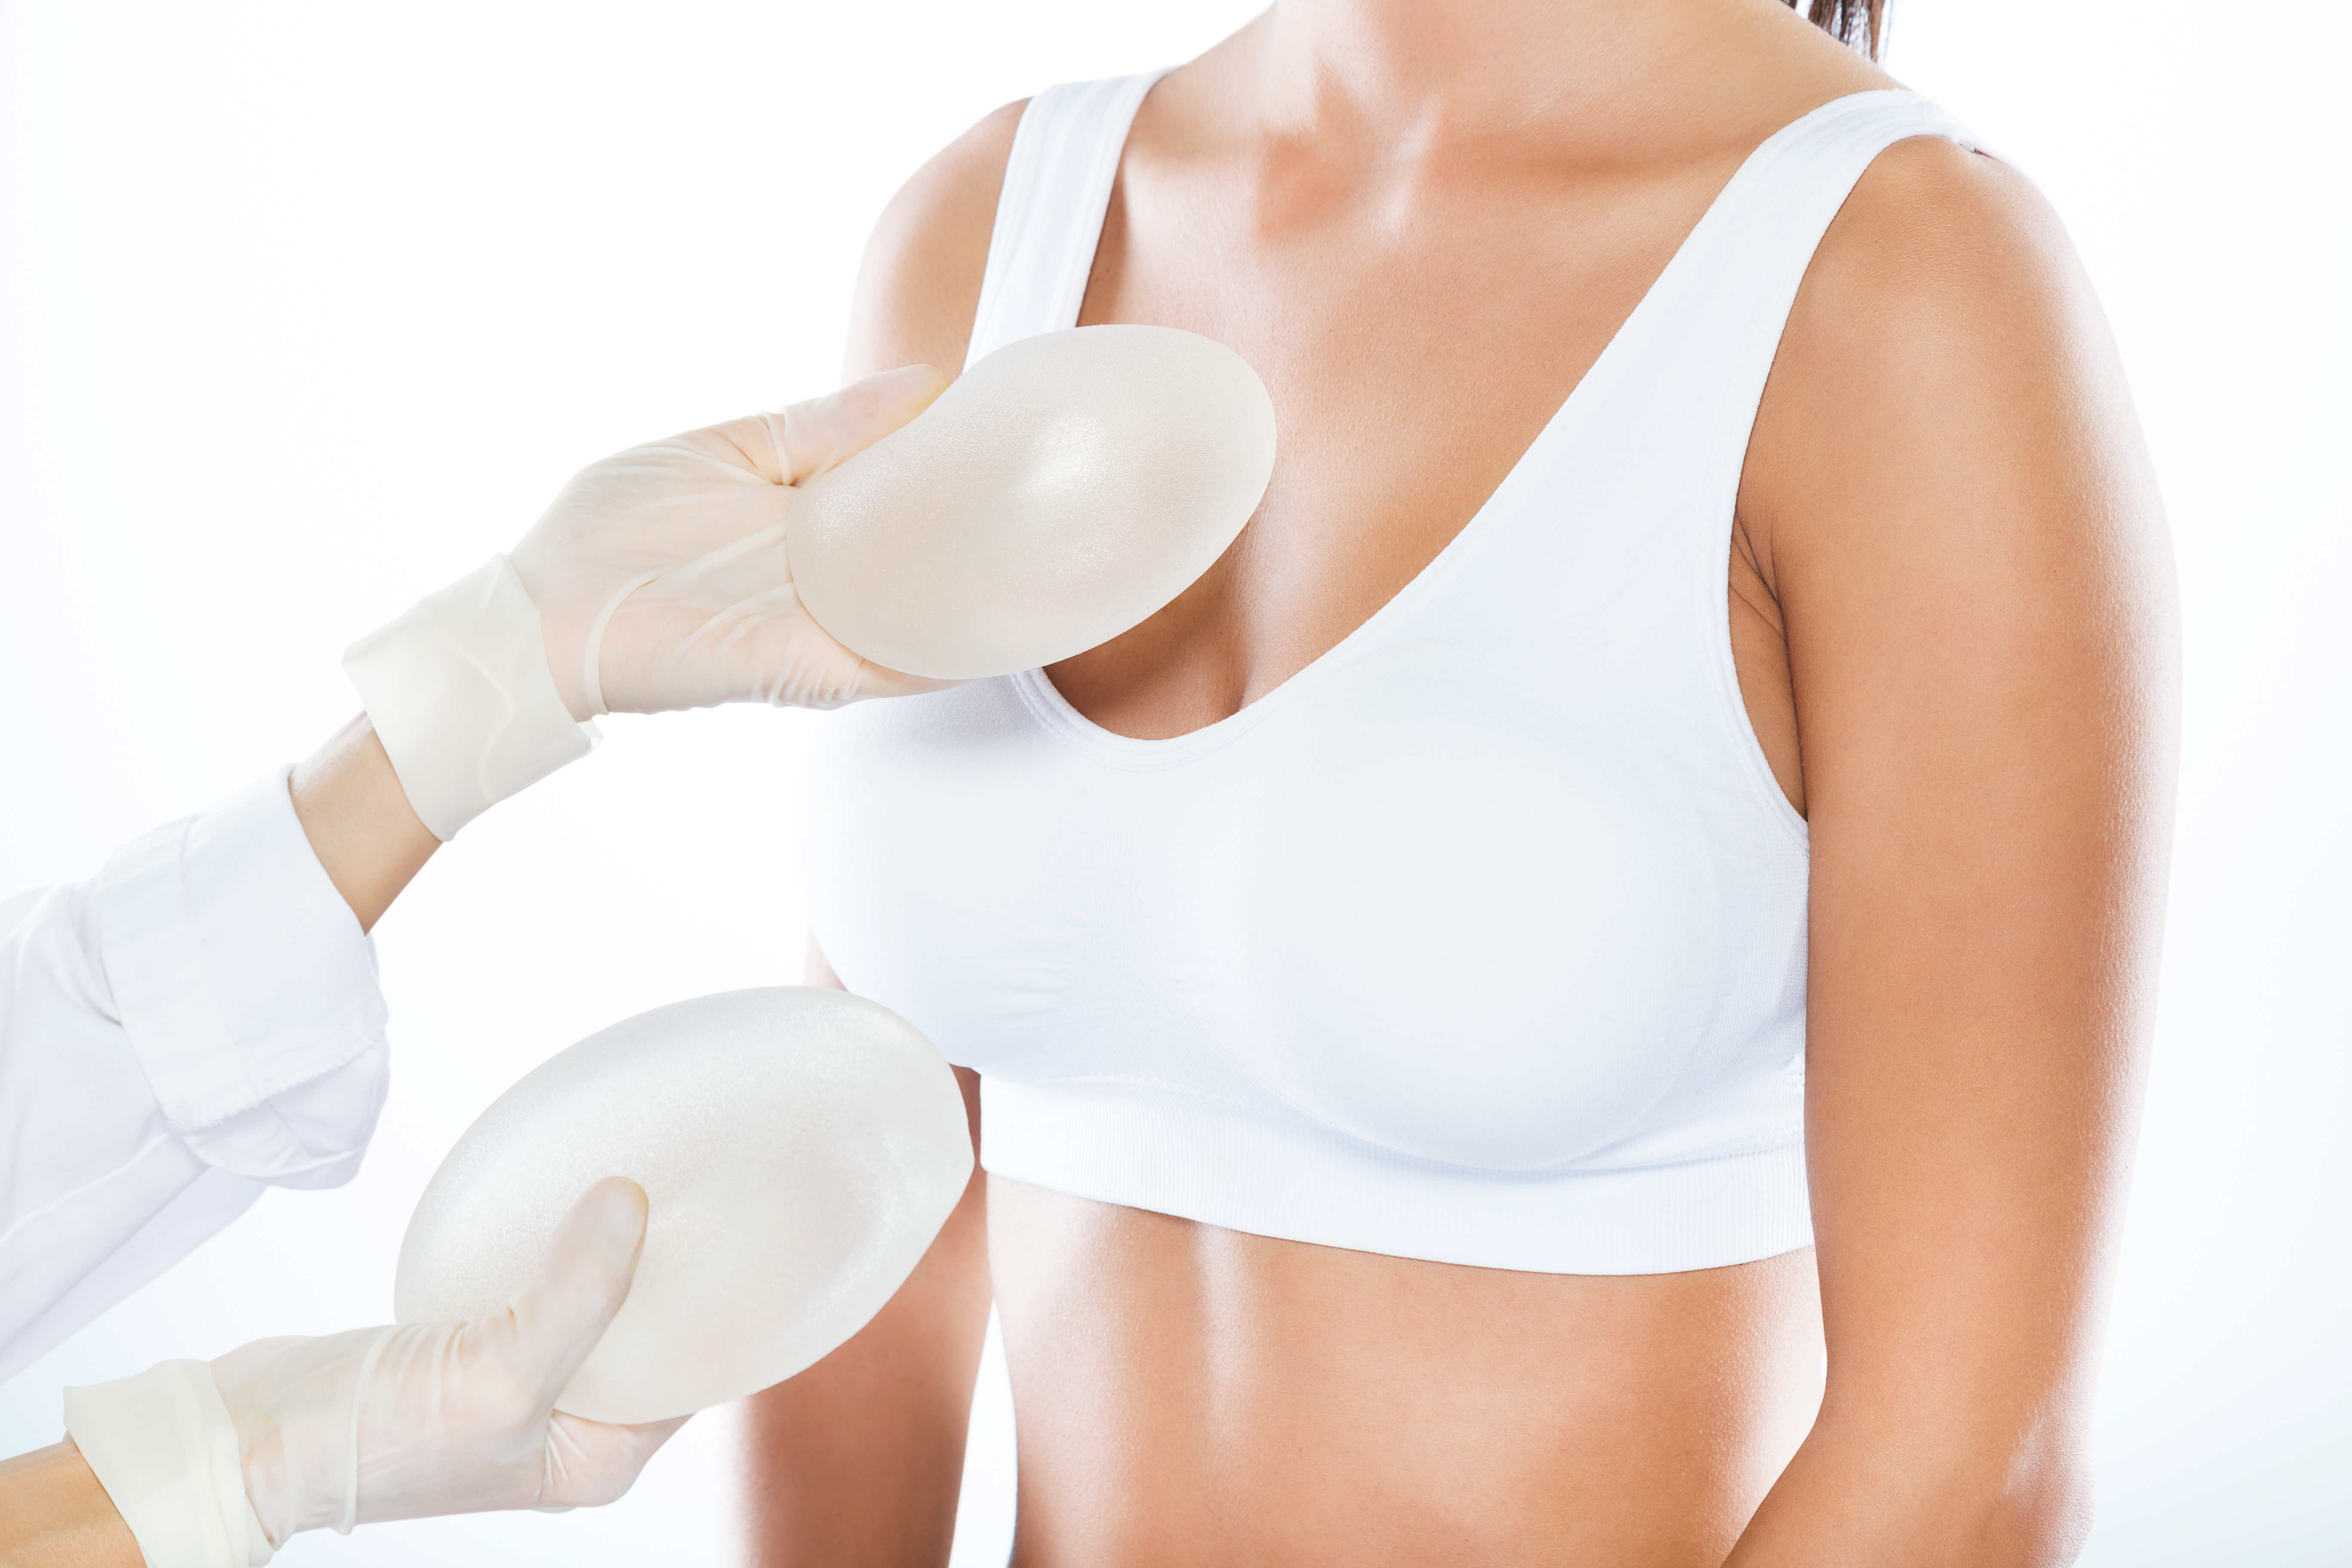 Le cabinet esthétique Bordeaux propose des alternatives aux implants mammaires